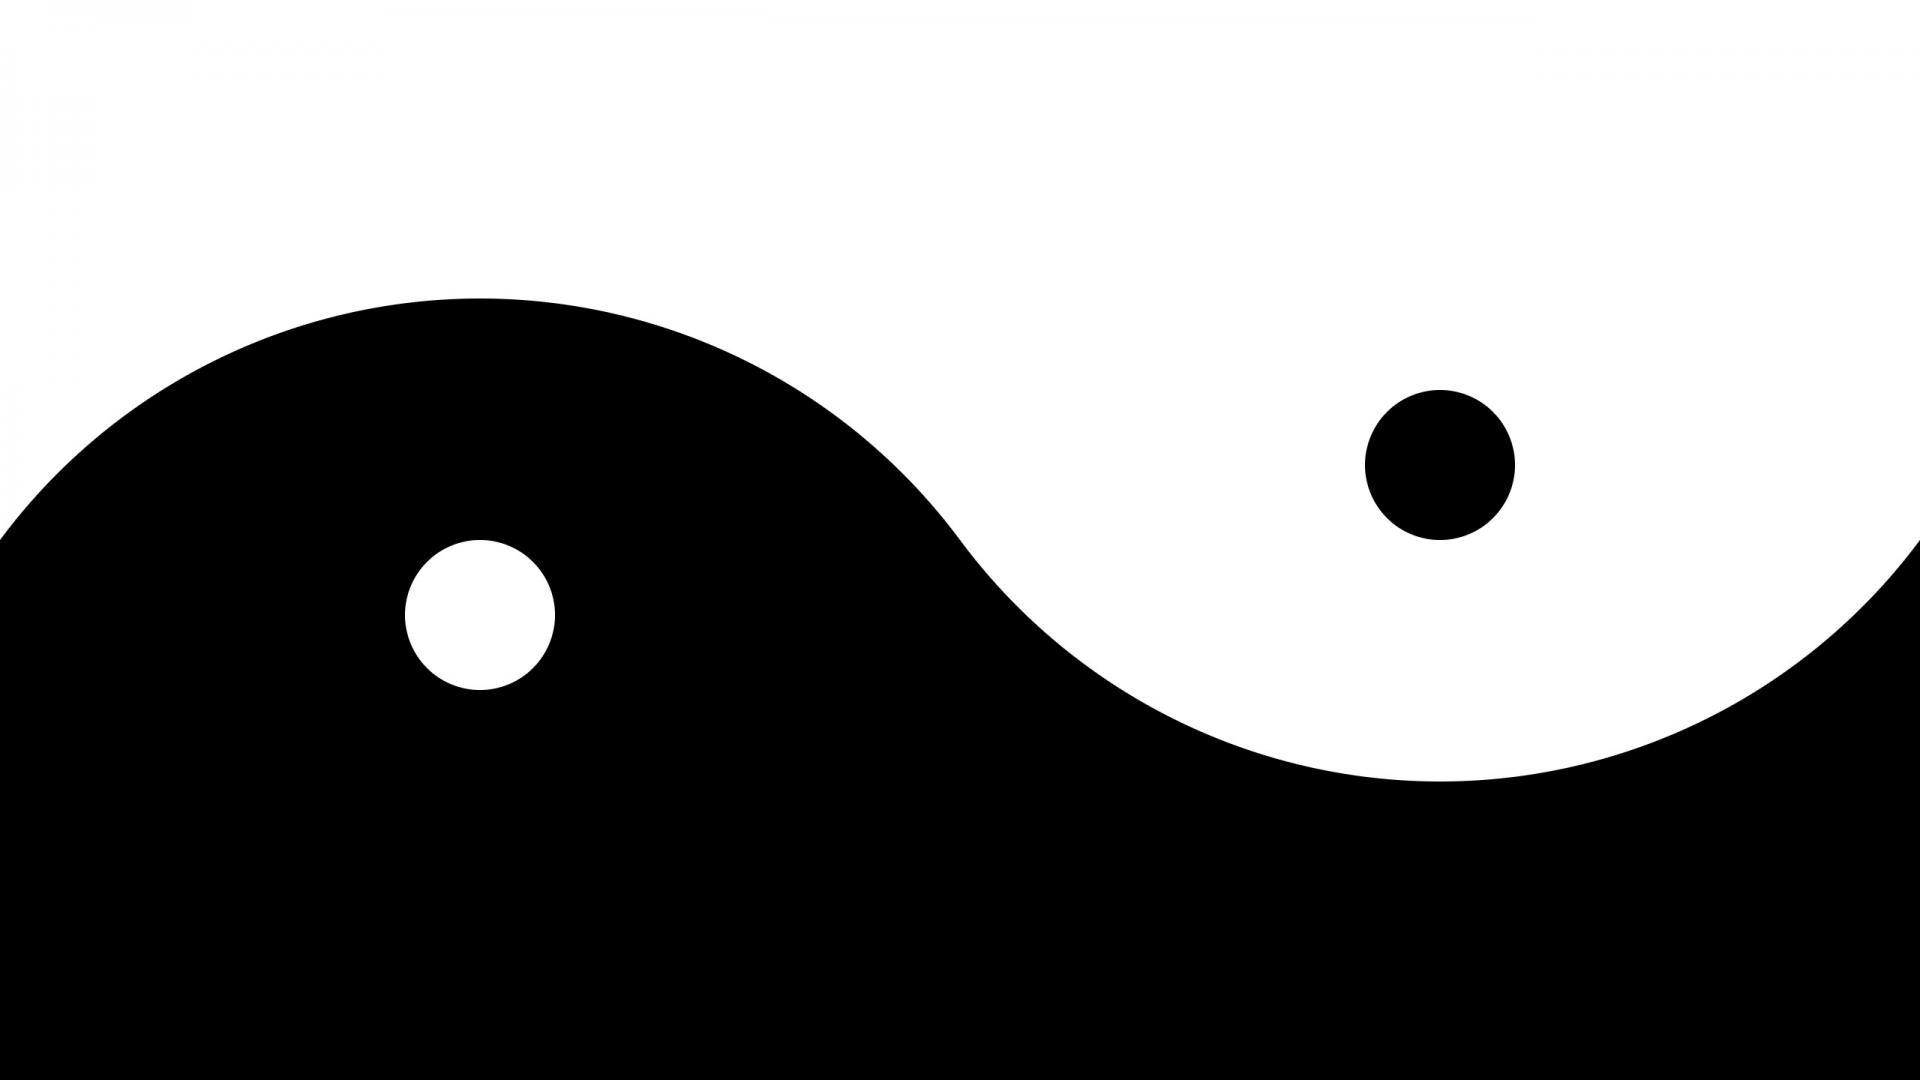 yin yang iphone wallpaper, ying yang image